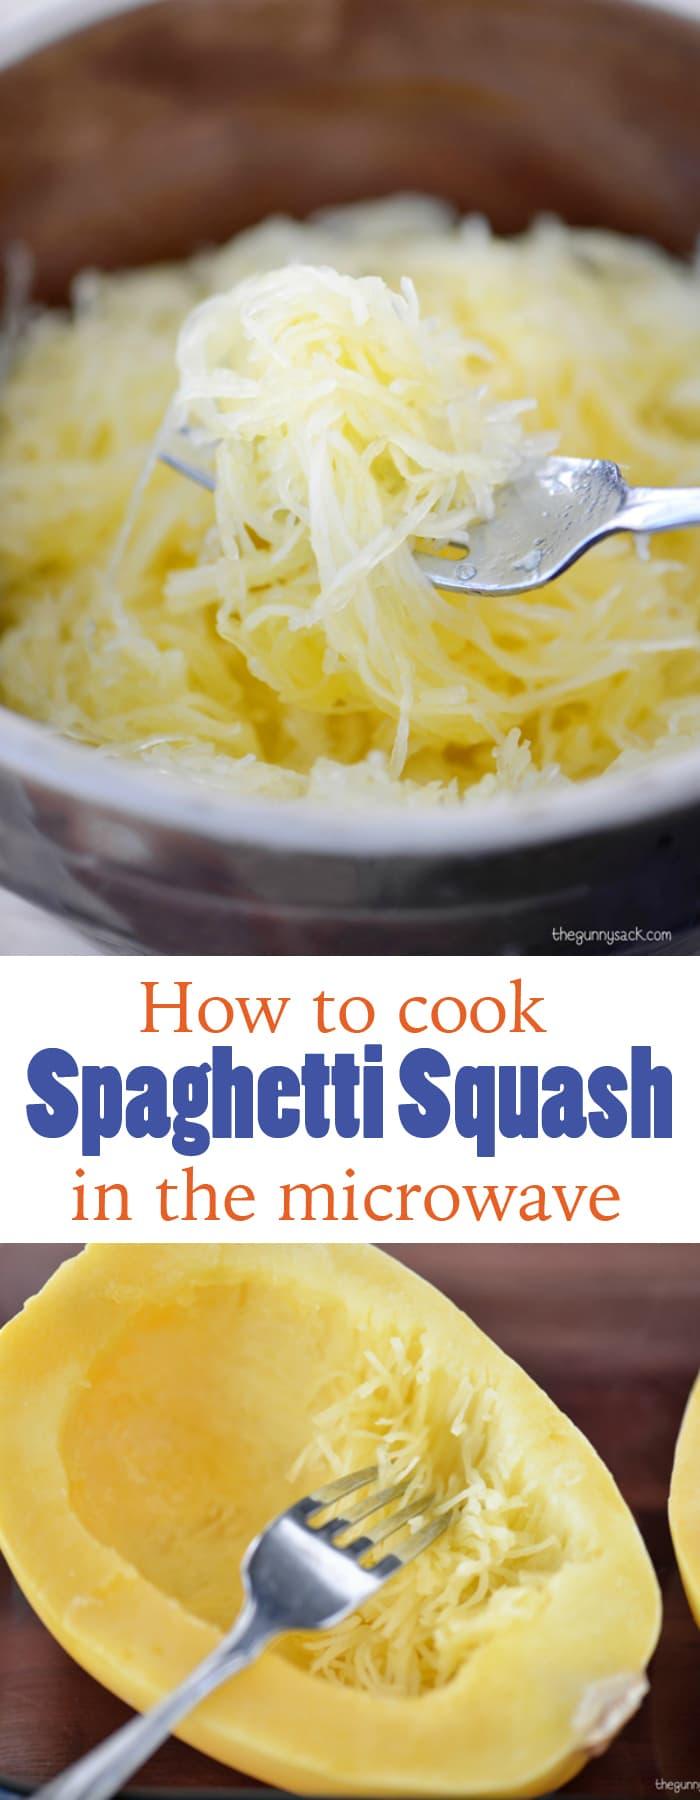 Microwave-Spaghetti-Squash